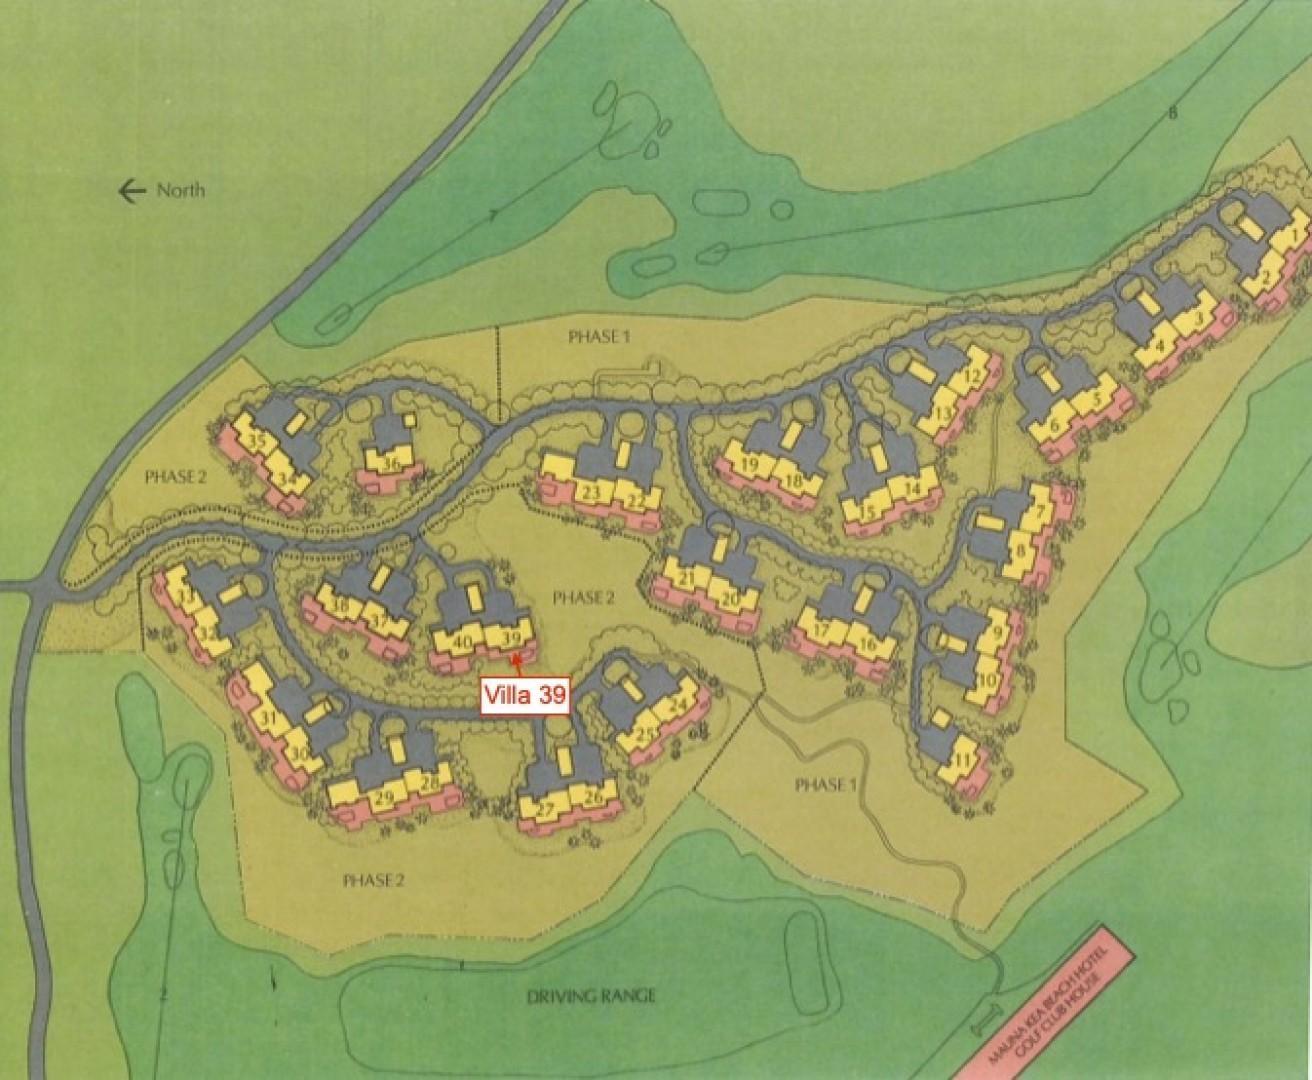 Villas at Mauna Kea Resort Community Map Showing Location of Villa 39